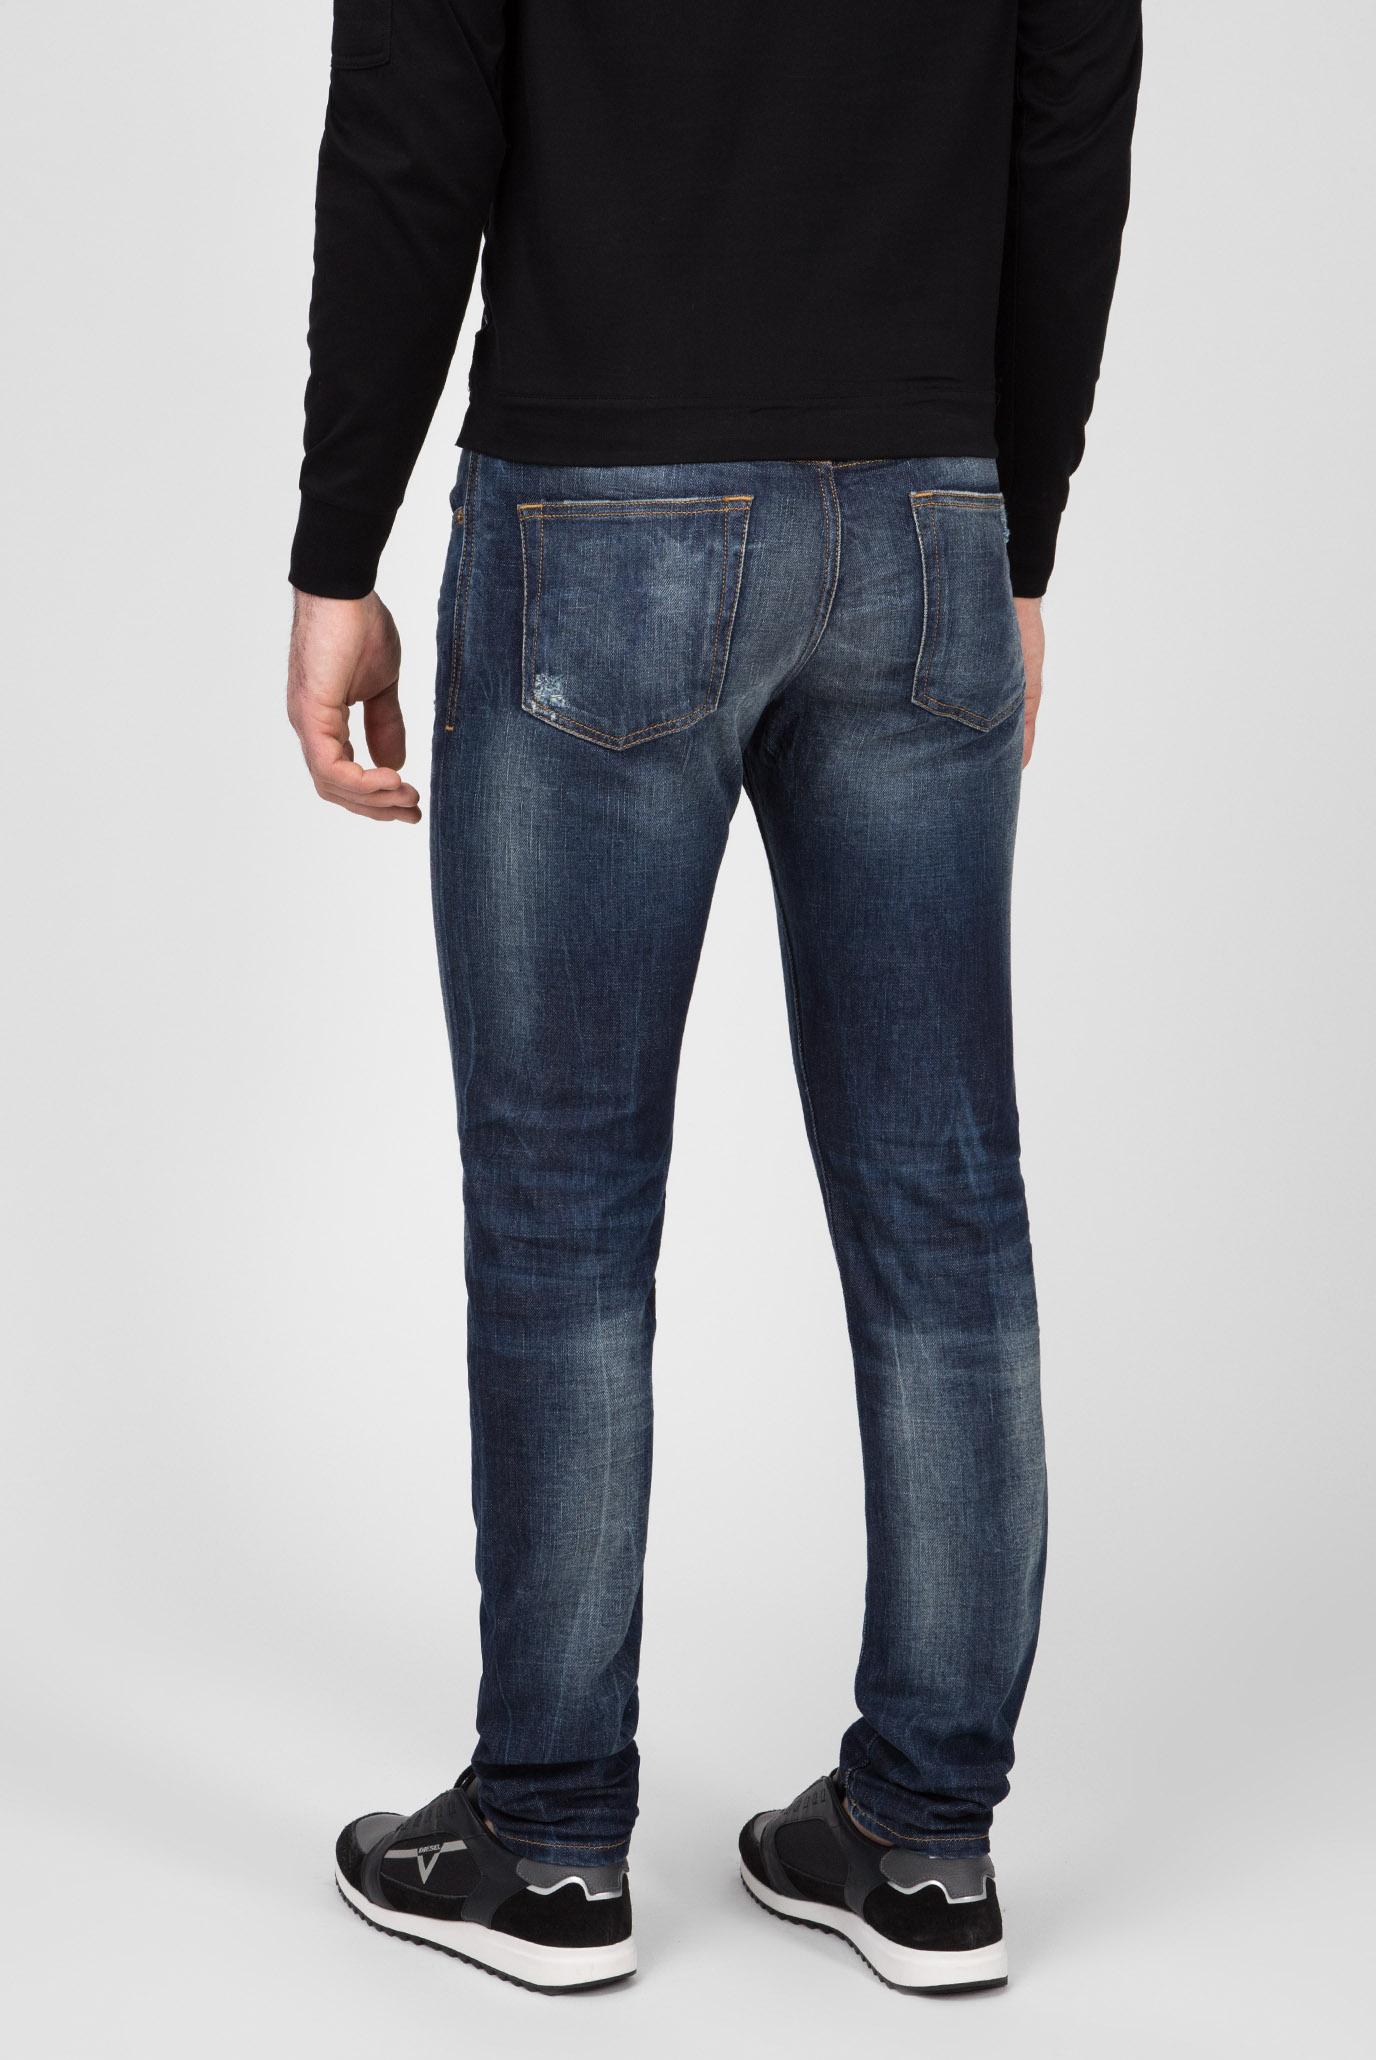 Купить Мужские синие джинсы D-STRUKT Diesel Diesel 00SPW5 089AL – Киев, Украина. Цены в интернет магазине MD Fashion